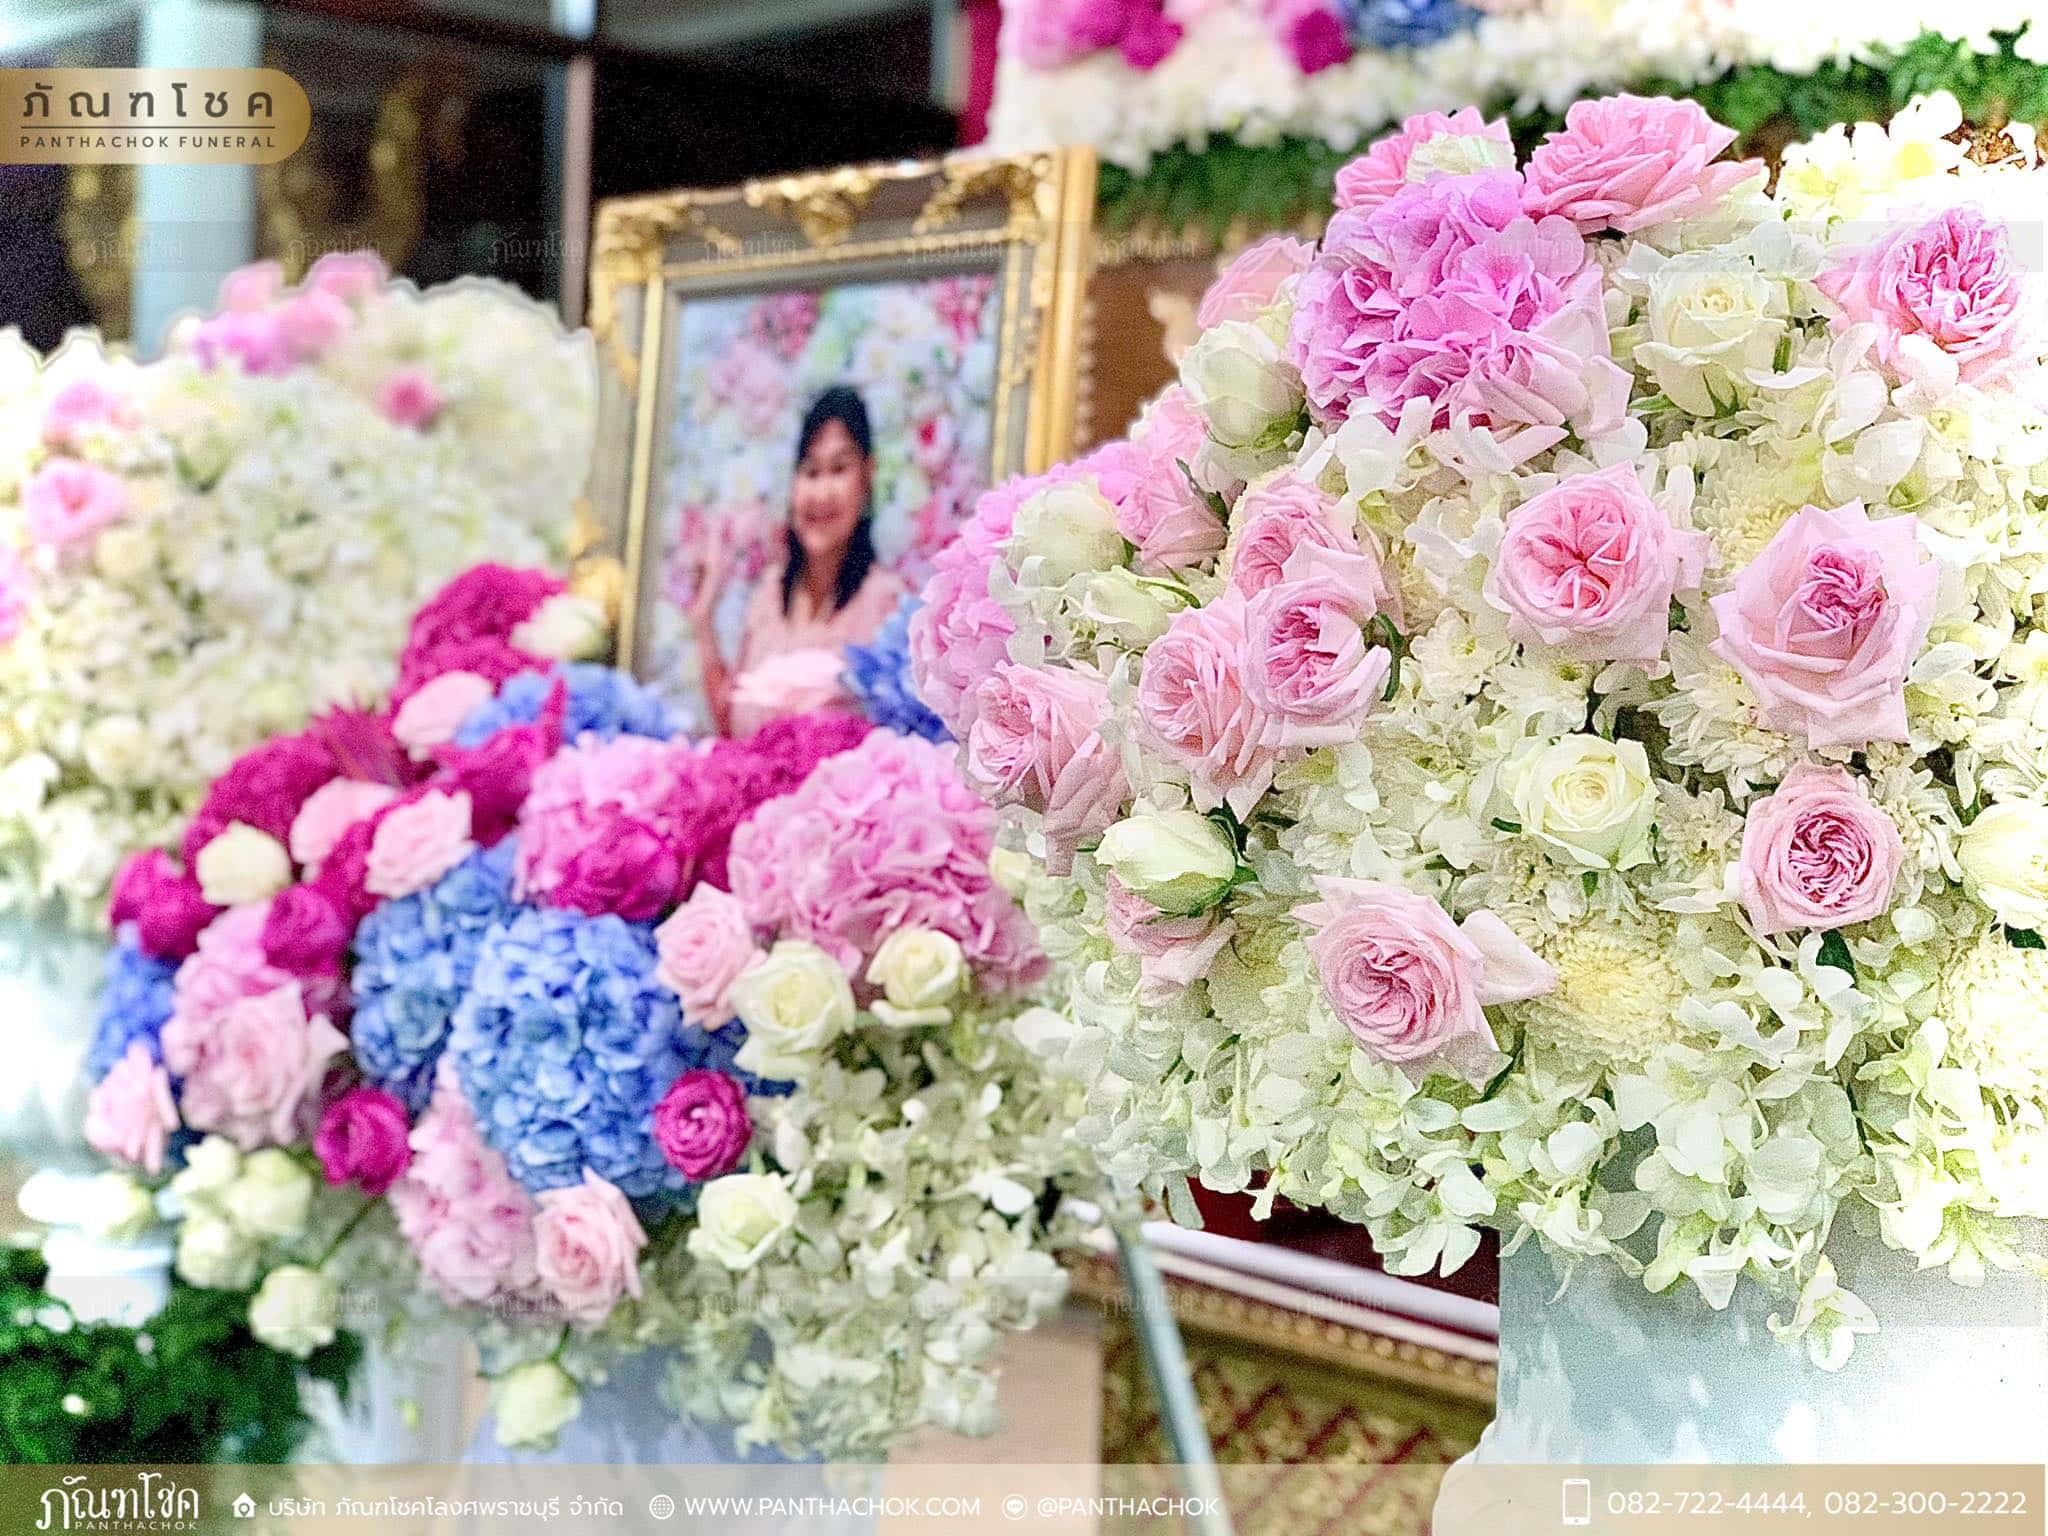 ดอกไม้หน้าหีบสีหวานสดใส ณ วัดหลักสี่ กทม. 8